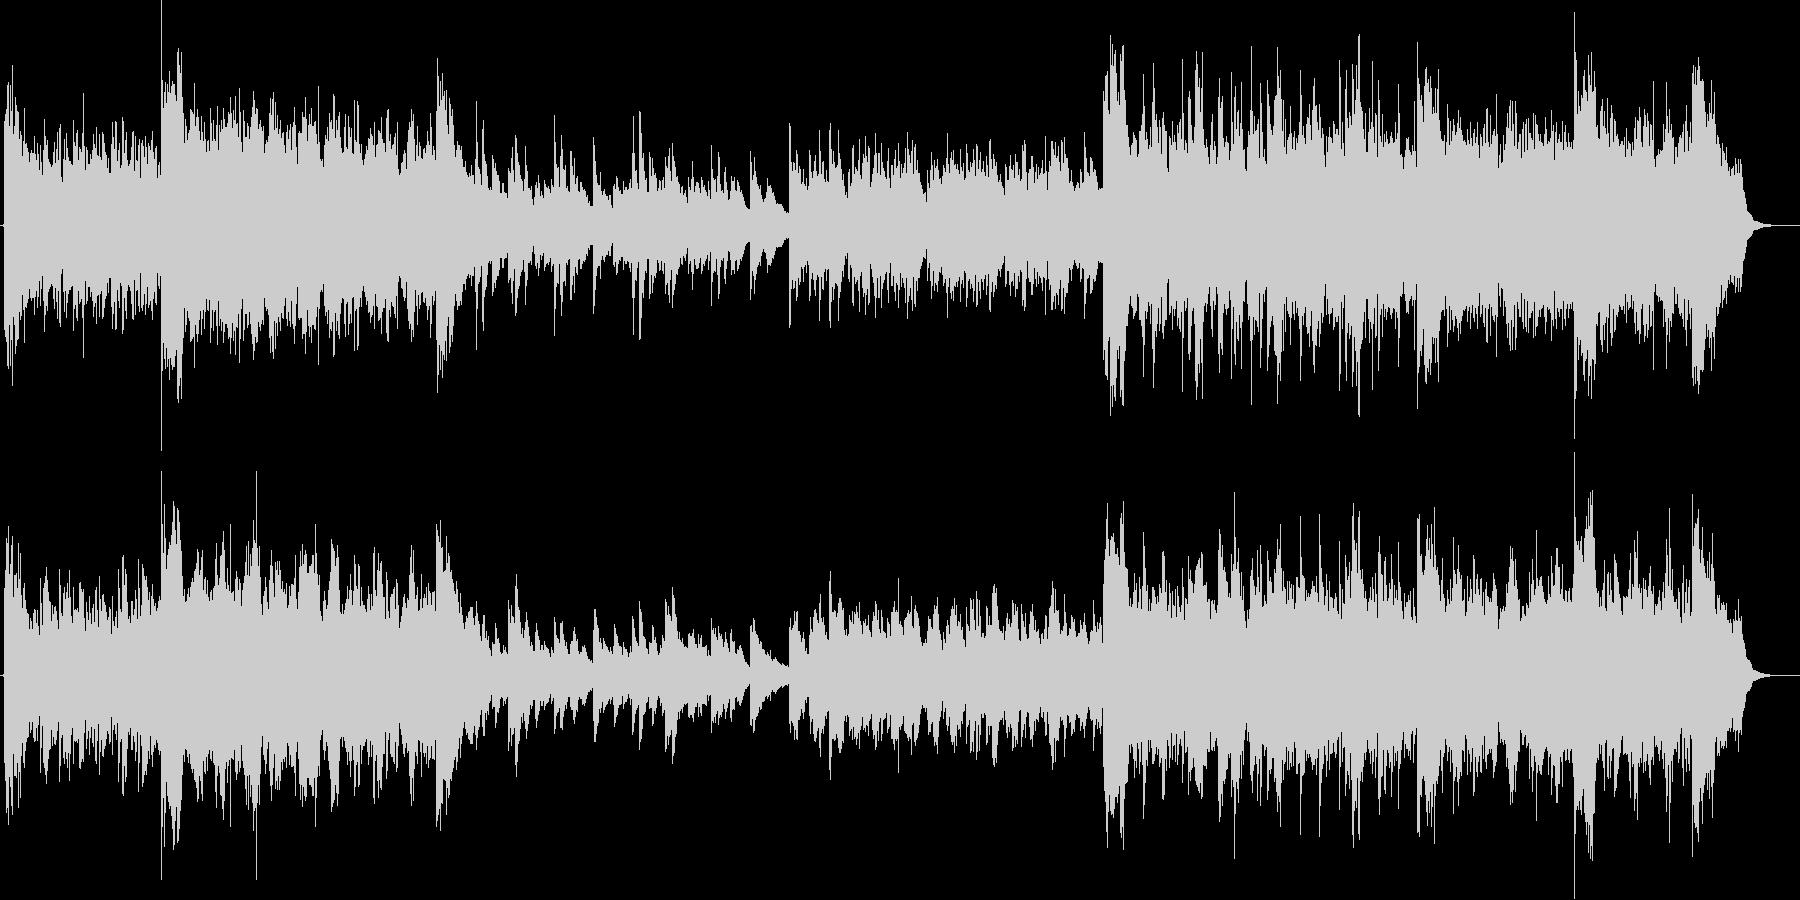 切ないピアノメロディーが印象的なバラードの未再生の波形